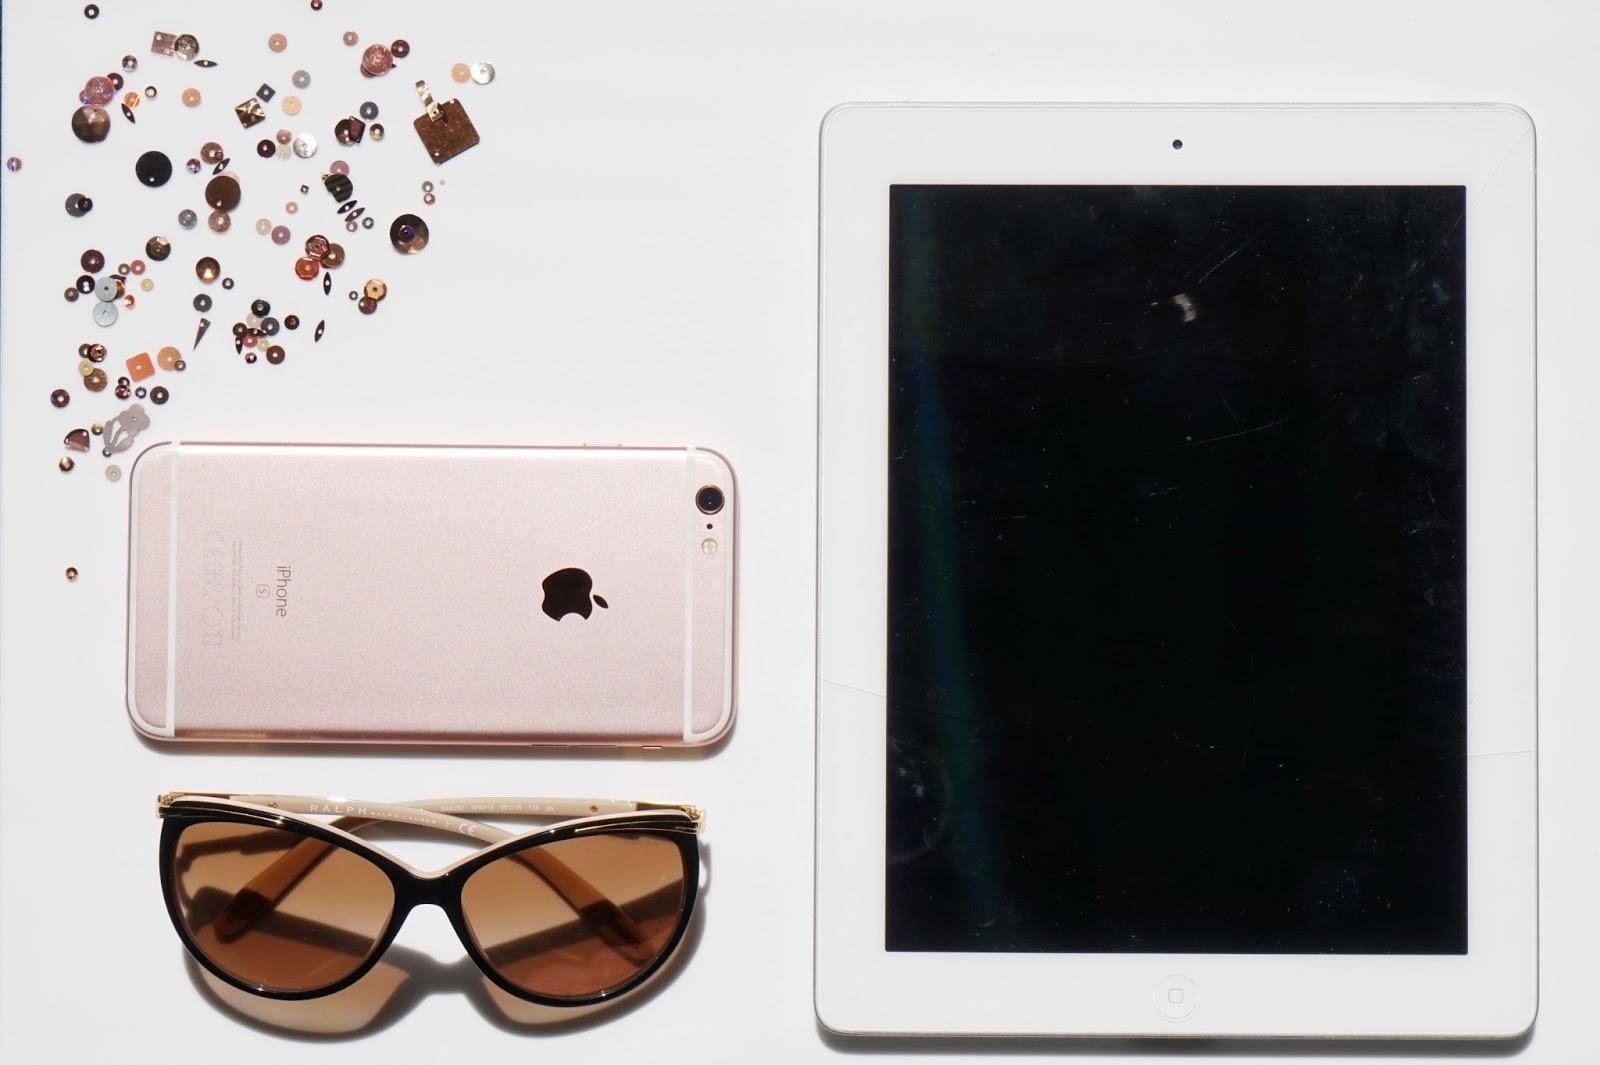 iPhone and iPad flatlay